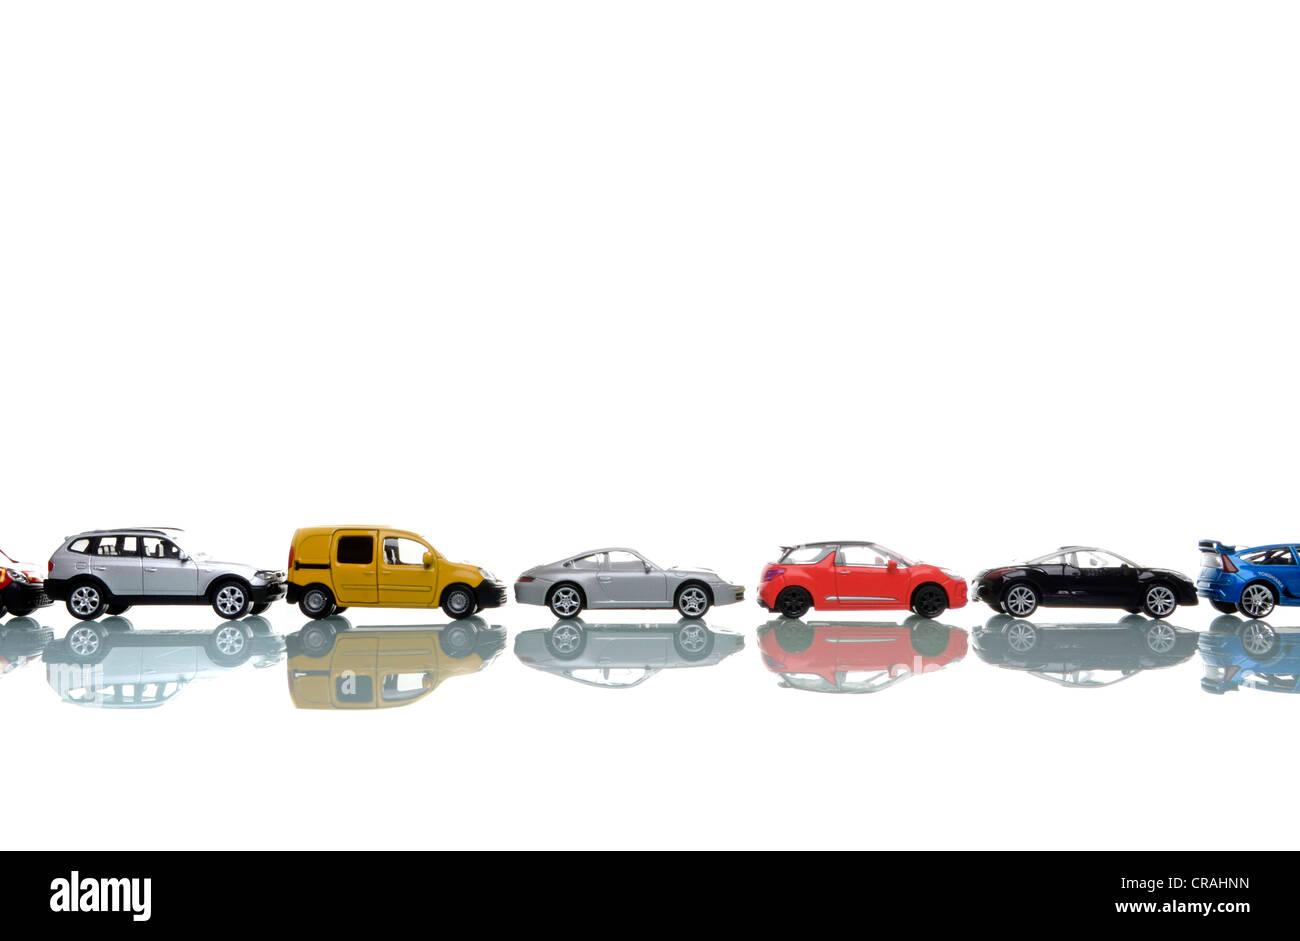 Voitures miniatures dans une rangée Photo Stock